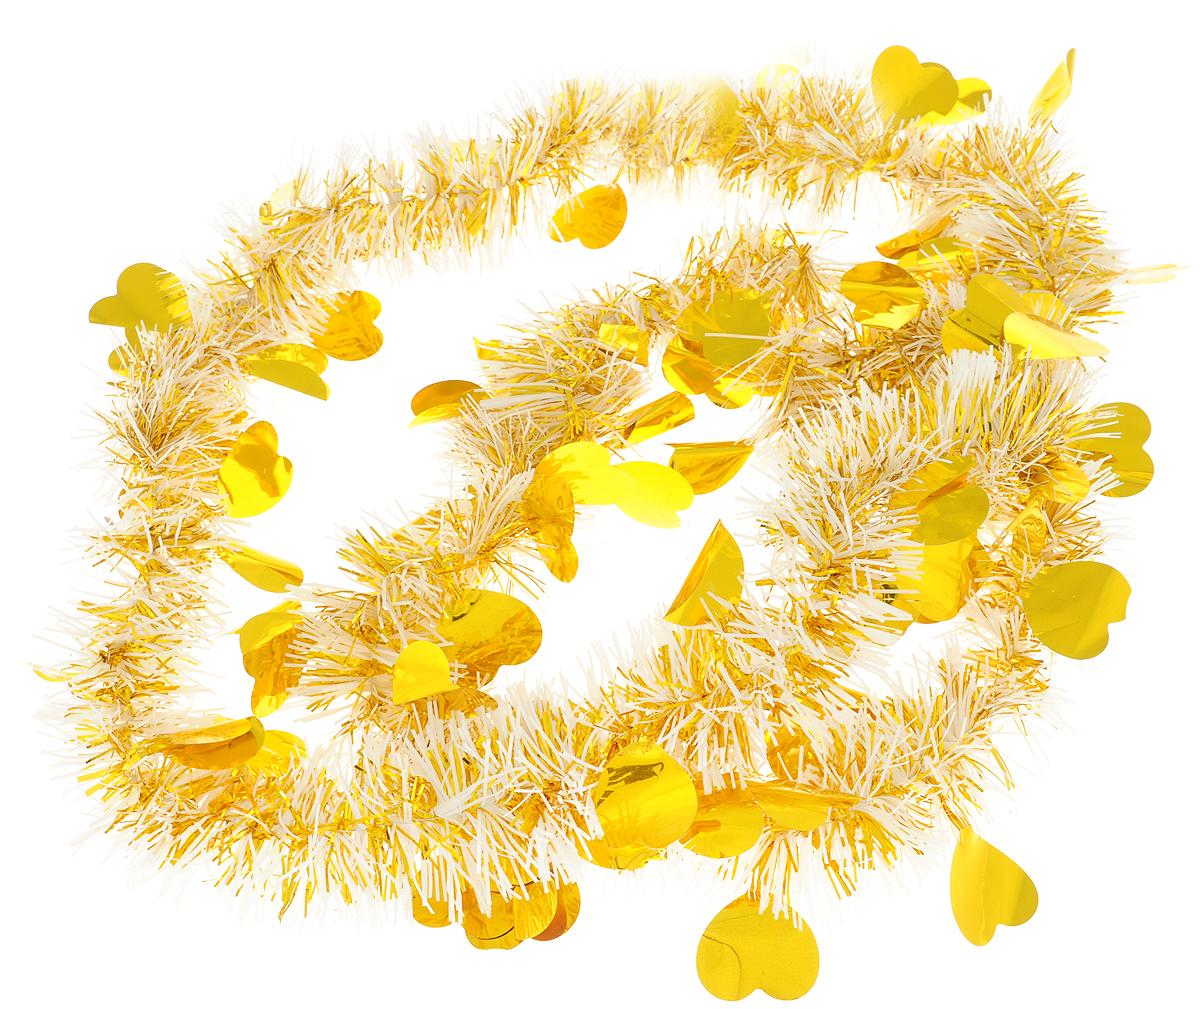 Мишура новогодняя Magic Time, цвет: золотистый, 6 х 200 см. 7573675736Мишура новогодняя Magic Time, выполненная из ПЭТ (полиэтилентерефталата), поможет вам украсить свой дом к предстоящим праздникам. Мишура армирована, то есть имеет проволоку внутри и способна сохранять приданную ей форму.Новогодняя елка с таким украшением станет еще наряднее.Новогодней мишурой можно украсить все, что угодно - елку, квартиру, дачу, офис - как внутри, так и снаружи. Можно сложить новогодние поздравления, буквы и цифры, мишурой можно украсить и дополнить гирлянды, можно выделить дверные колонны, оплести дверные проемы.Длина мишуры: 200 см.Диаметр: 6 см.